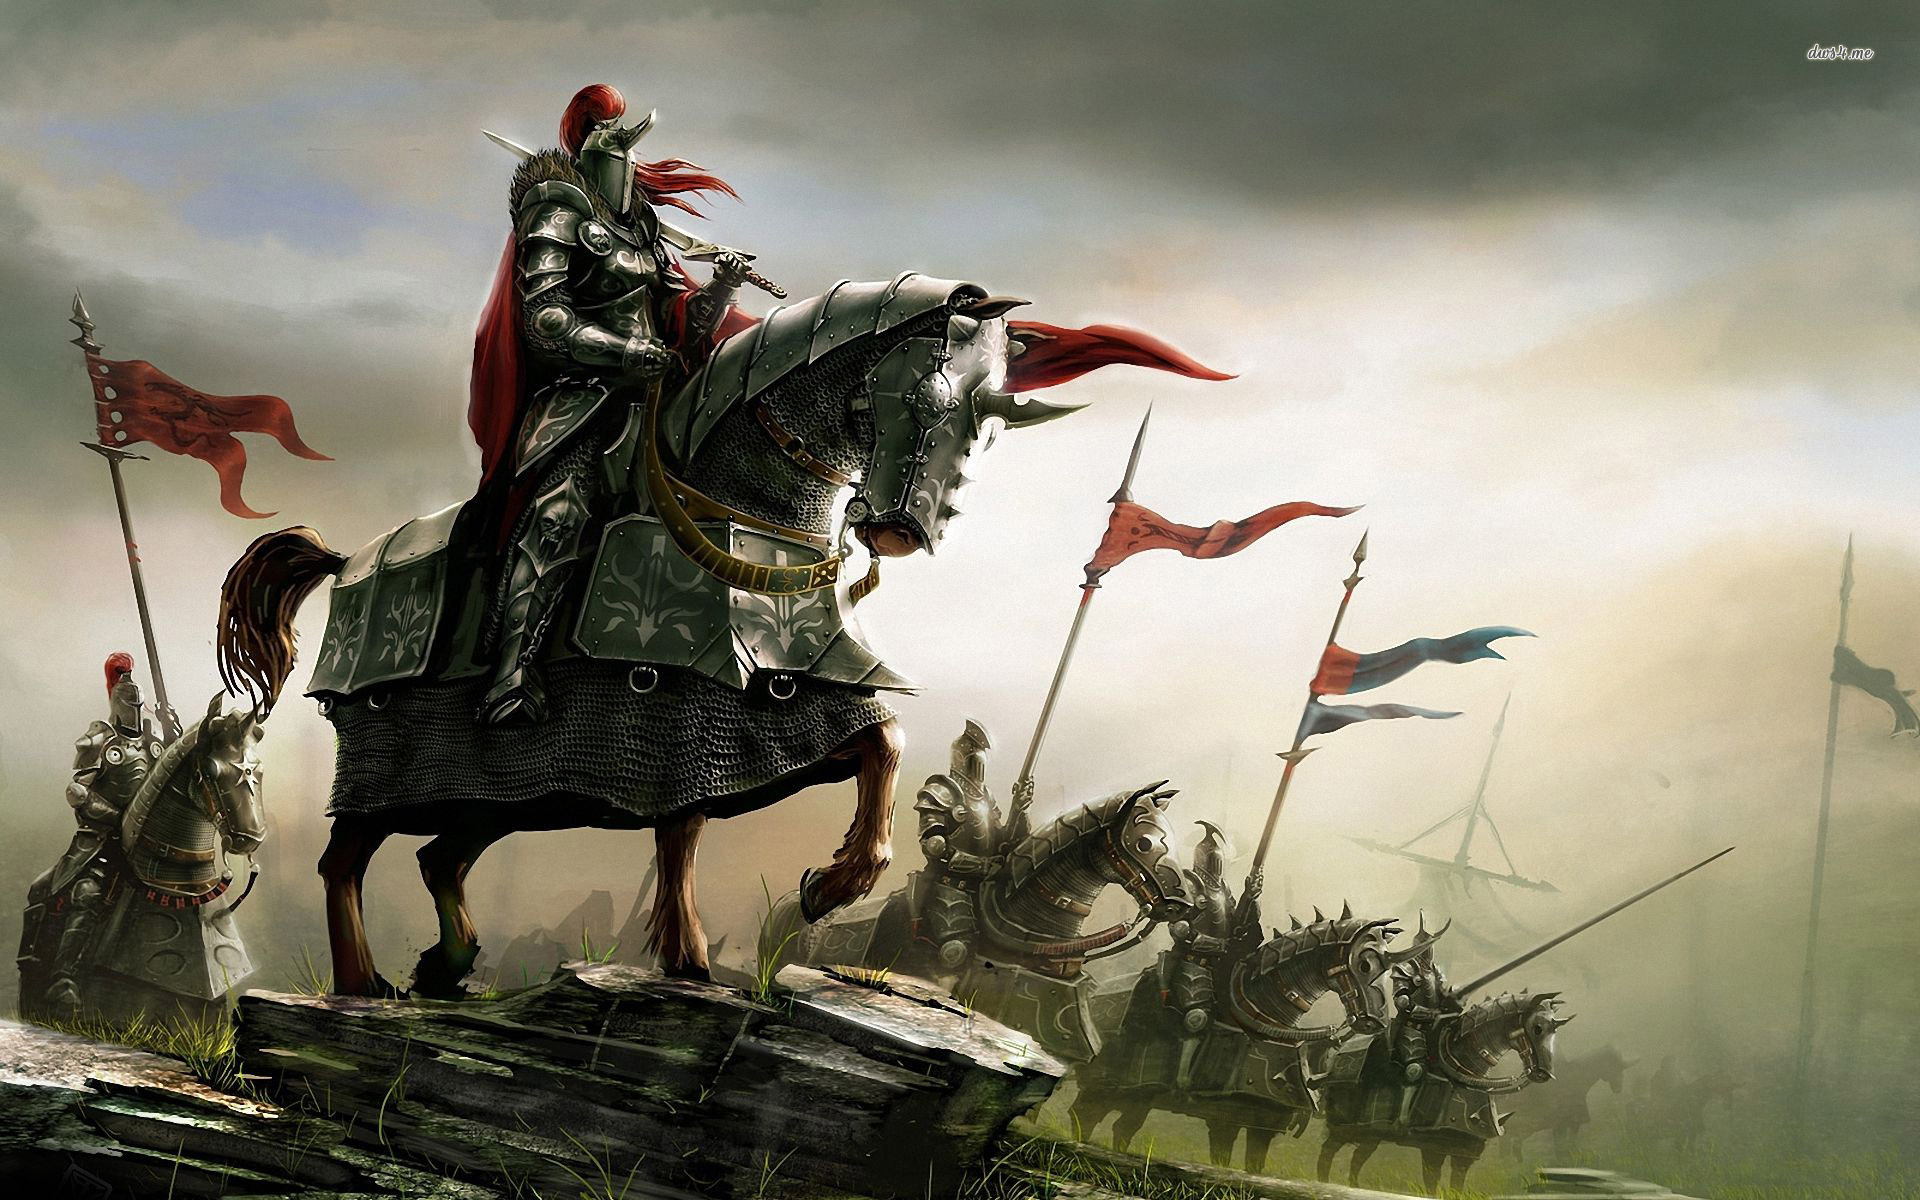 17925-knight-1920x1200-fantasy-wallpaper